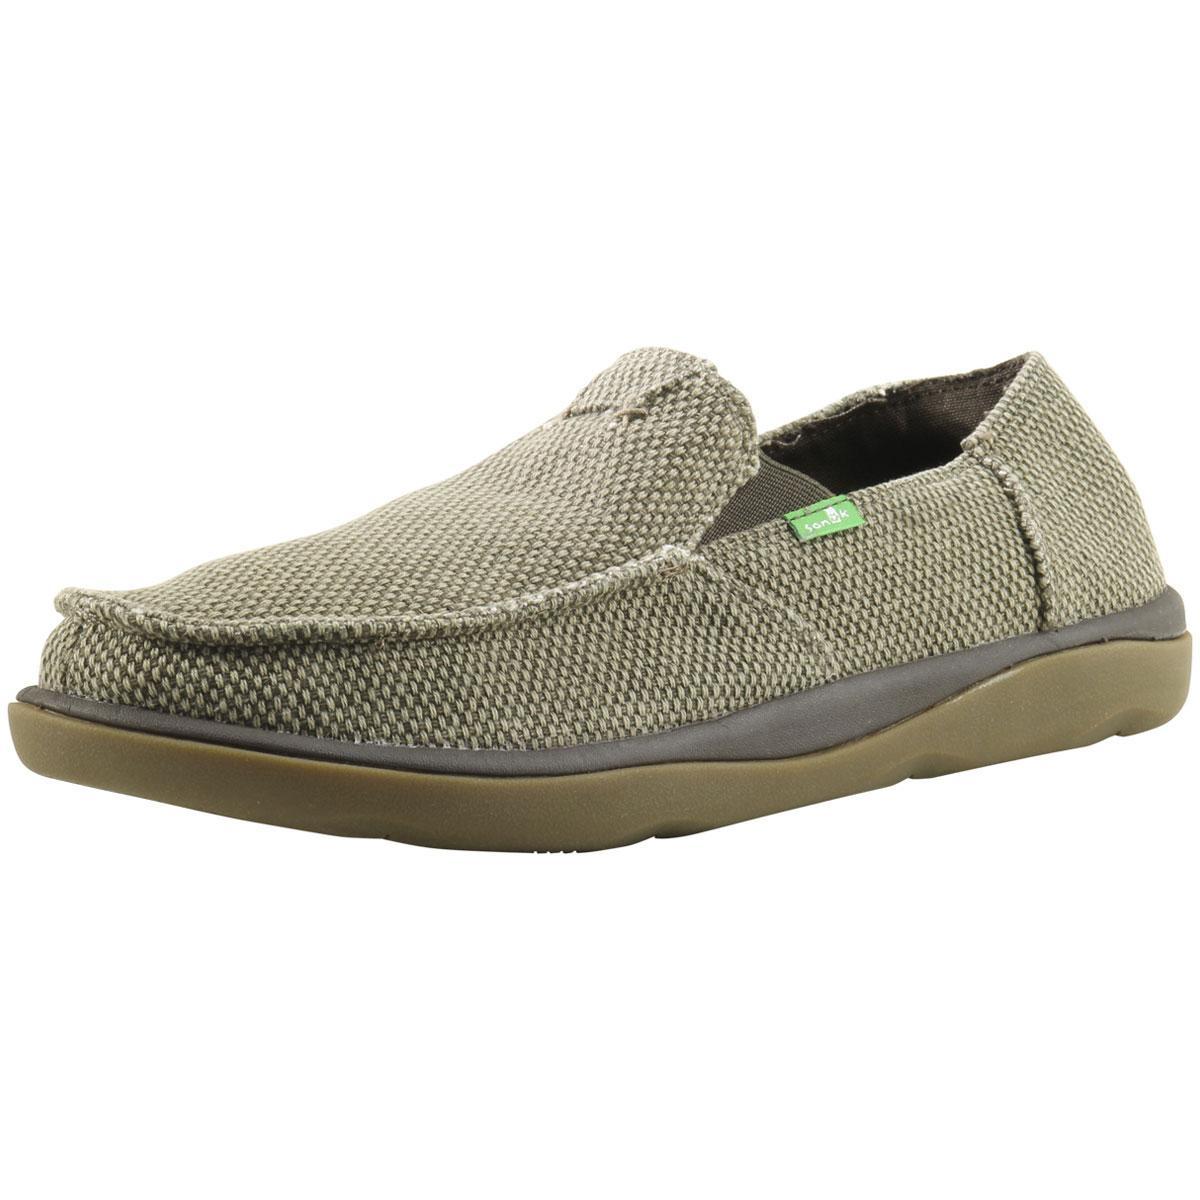 277f9acd1efe5 Sanuk Men's Vagabond Tripper Sidewalk Surfer Loafers Shoes by Sanuk